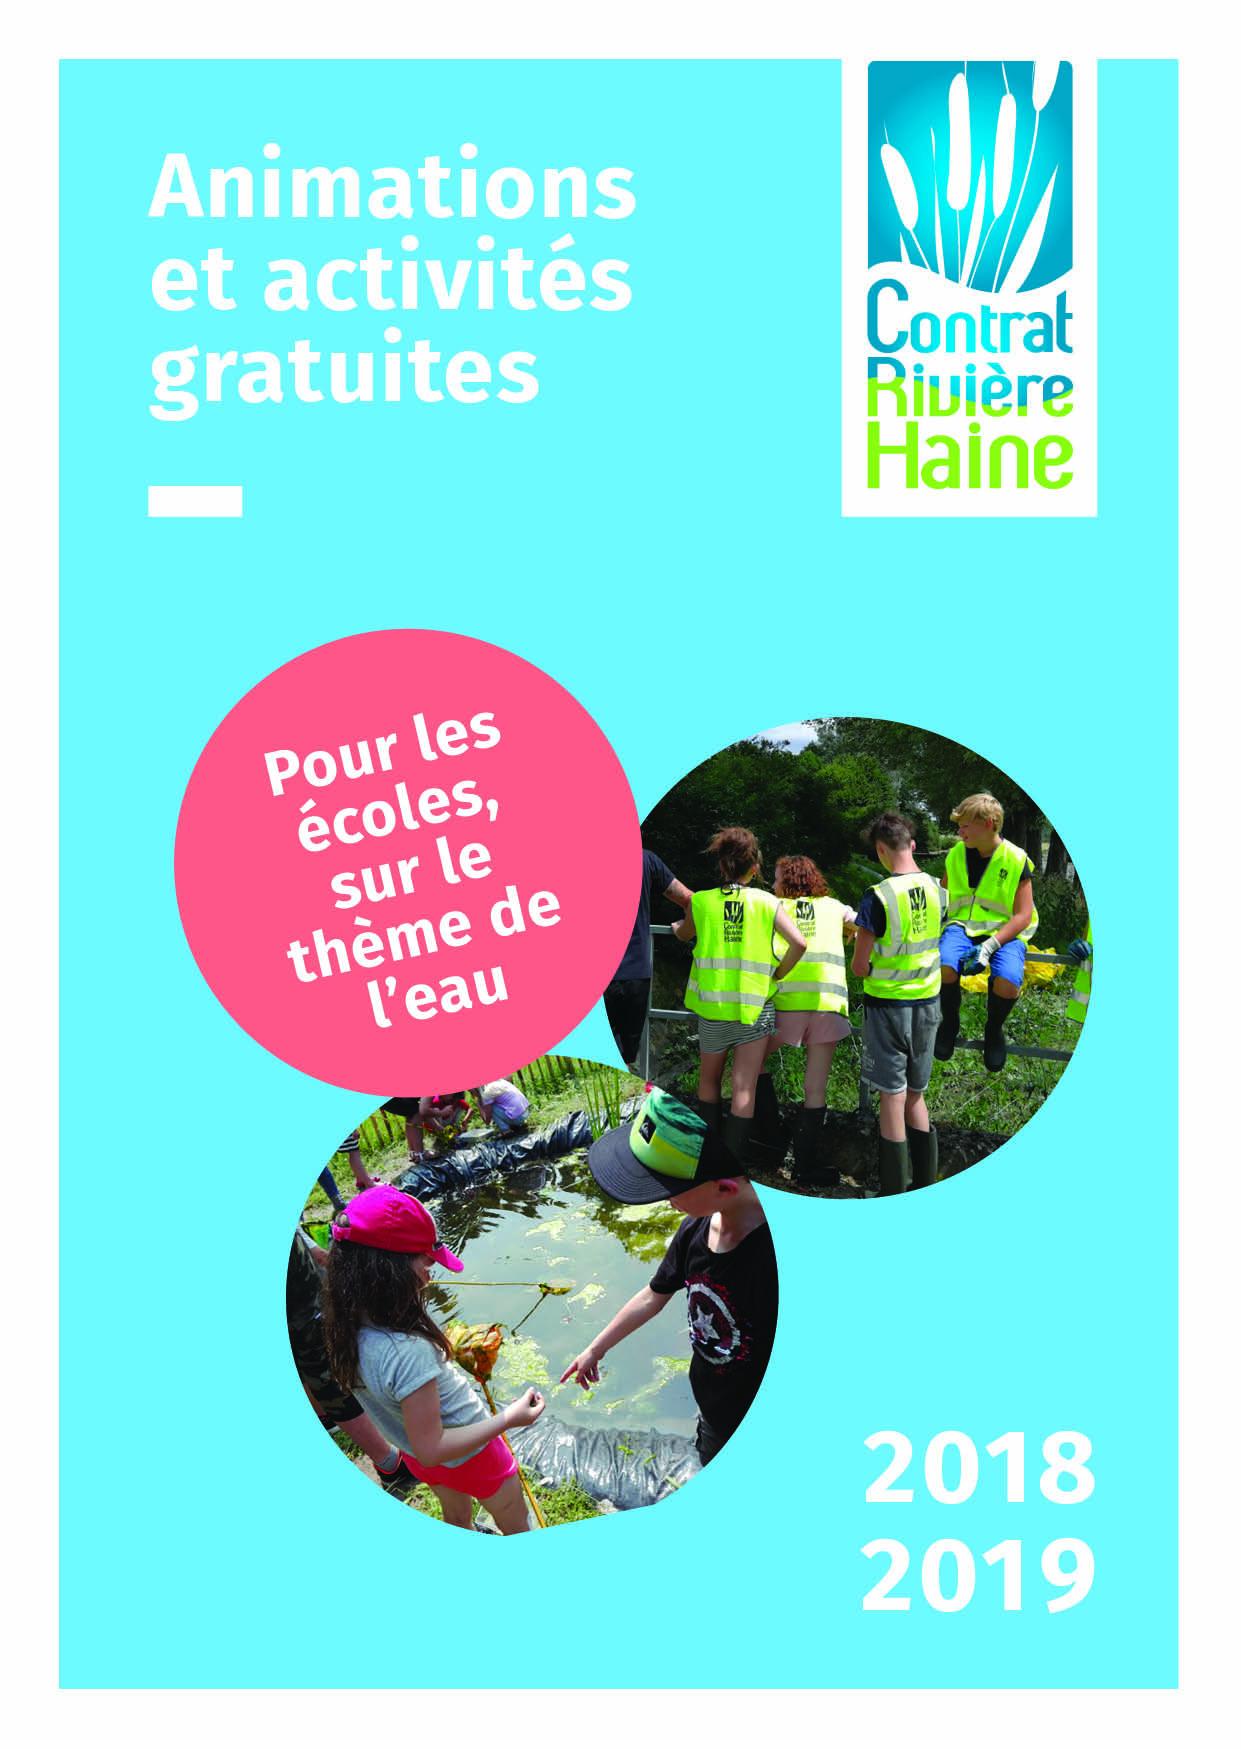 Catalogue des animations et activités gratuites du Contrat Rivière Haine